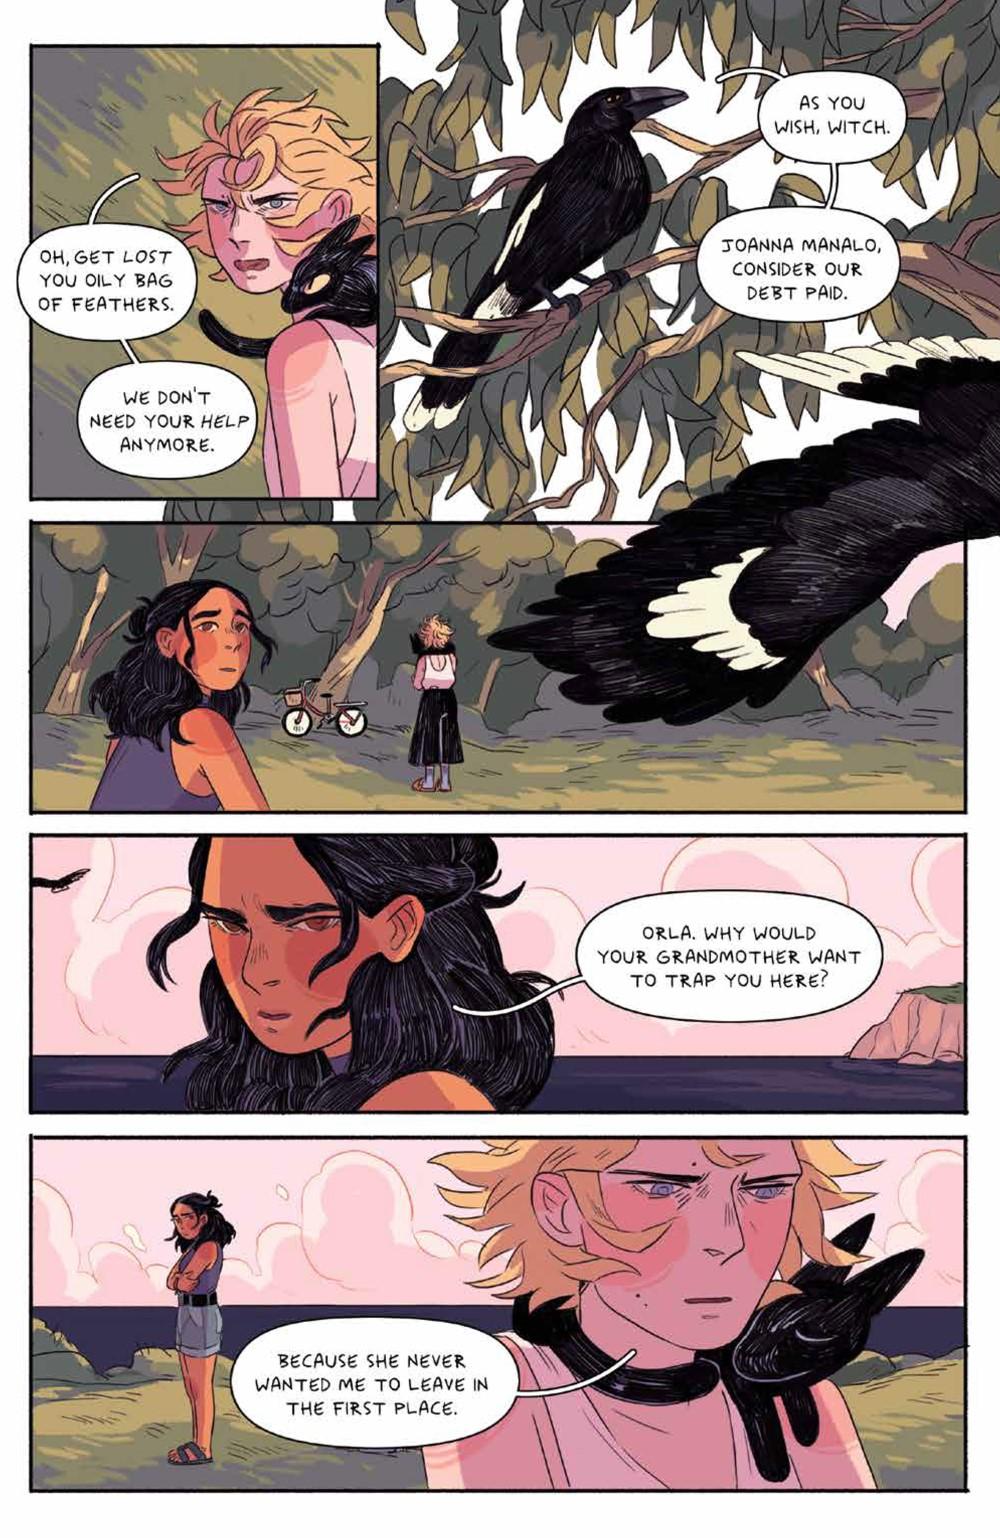 Mamo_004_PRESS_5 ComicList Previews: MAMO #4 (OF 5)